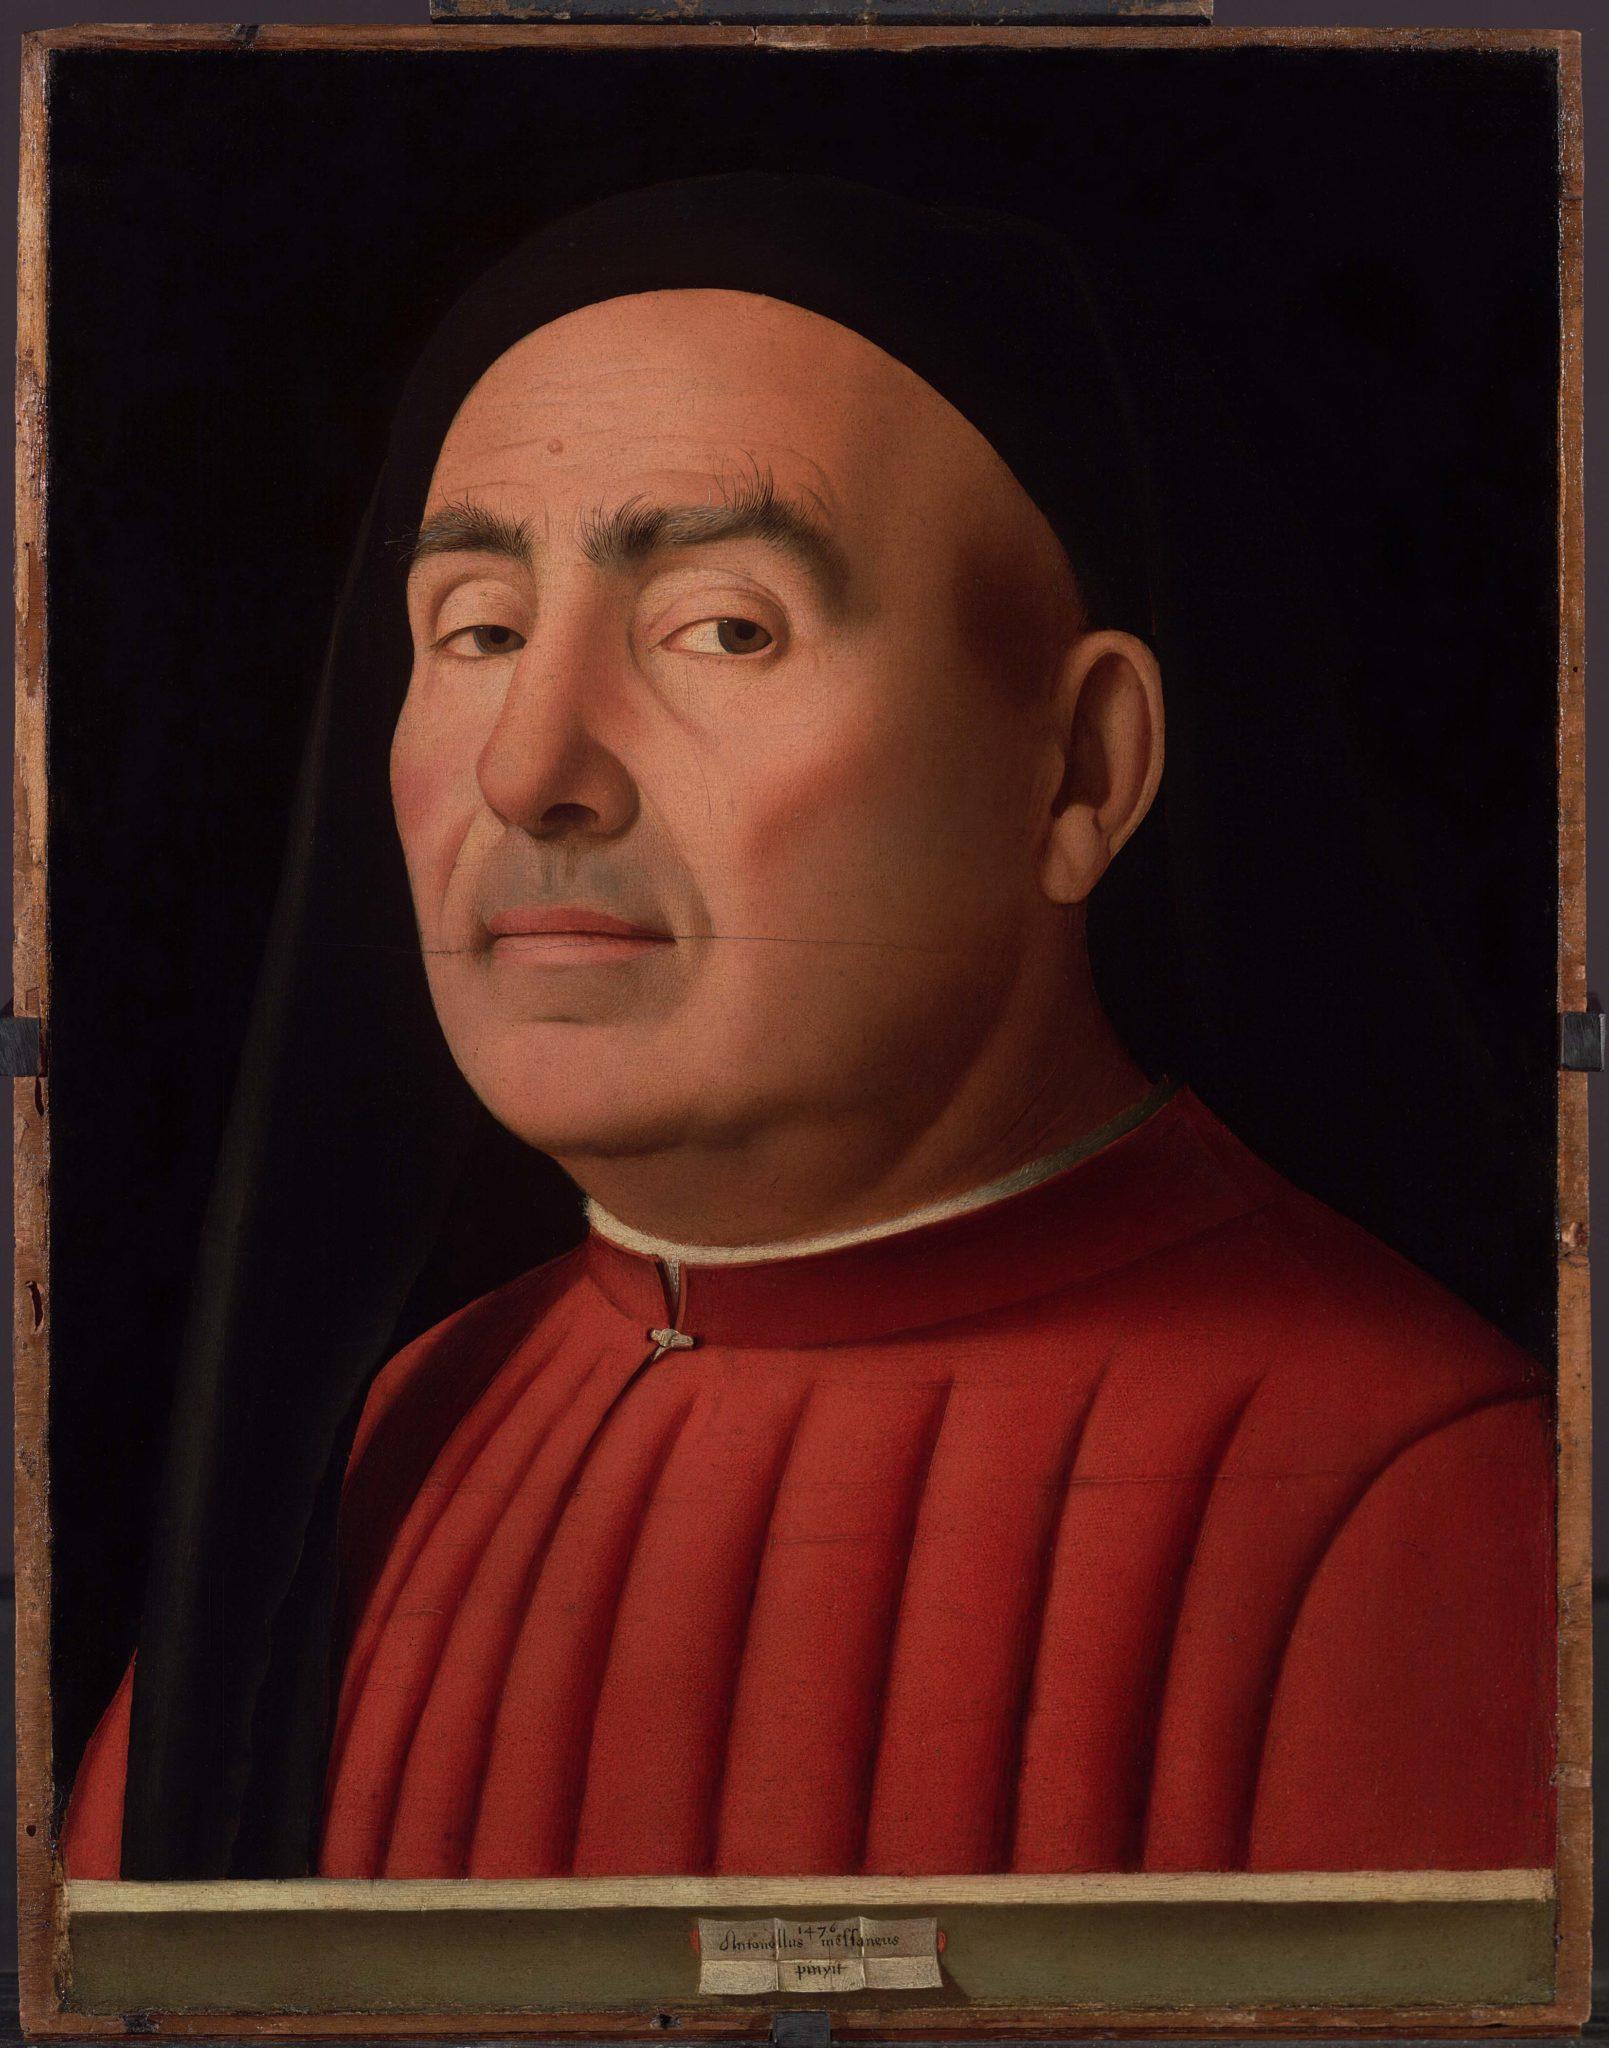 Antonello da Messina, Ritratto d'uomo, 1476